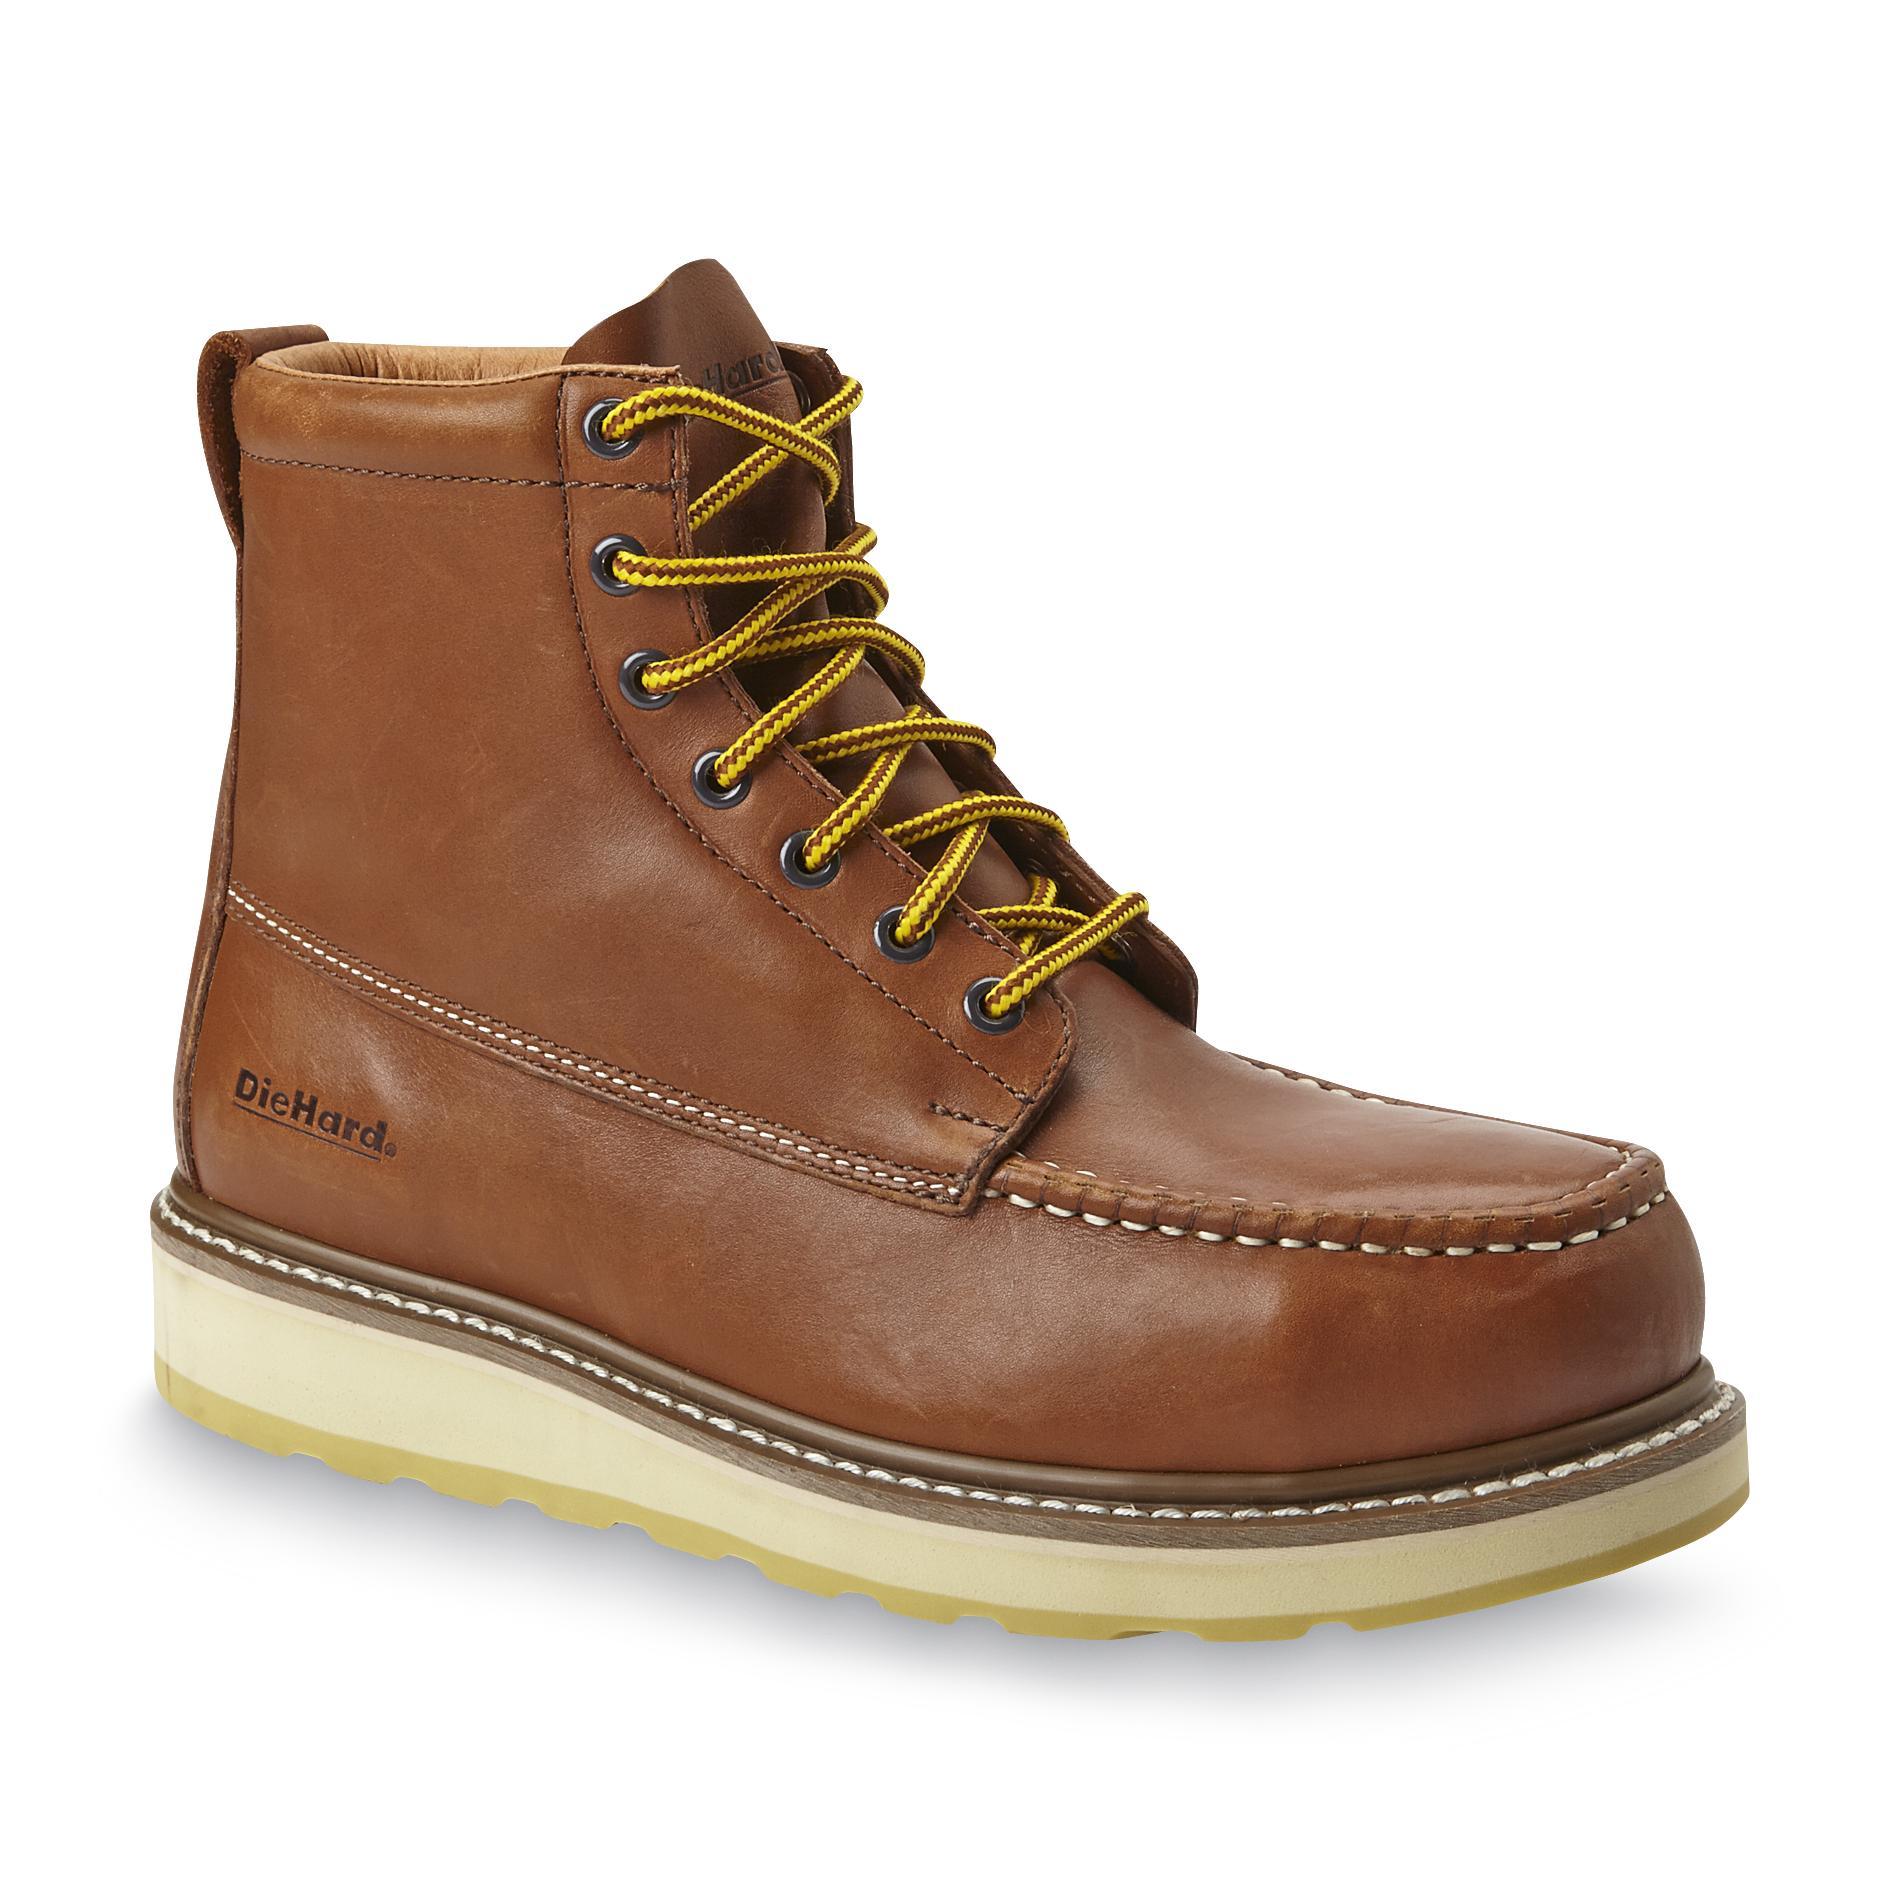 Diehard Men39s Suretrack 6quot Steel Toe Work Boot Brown